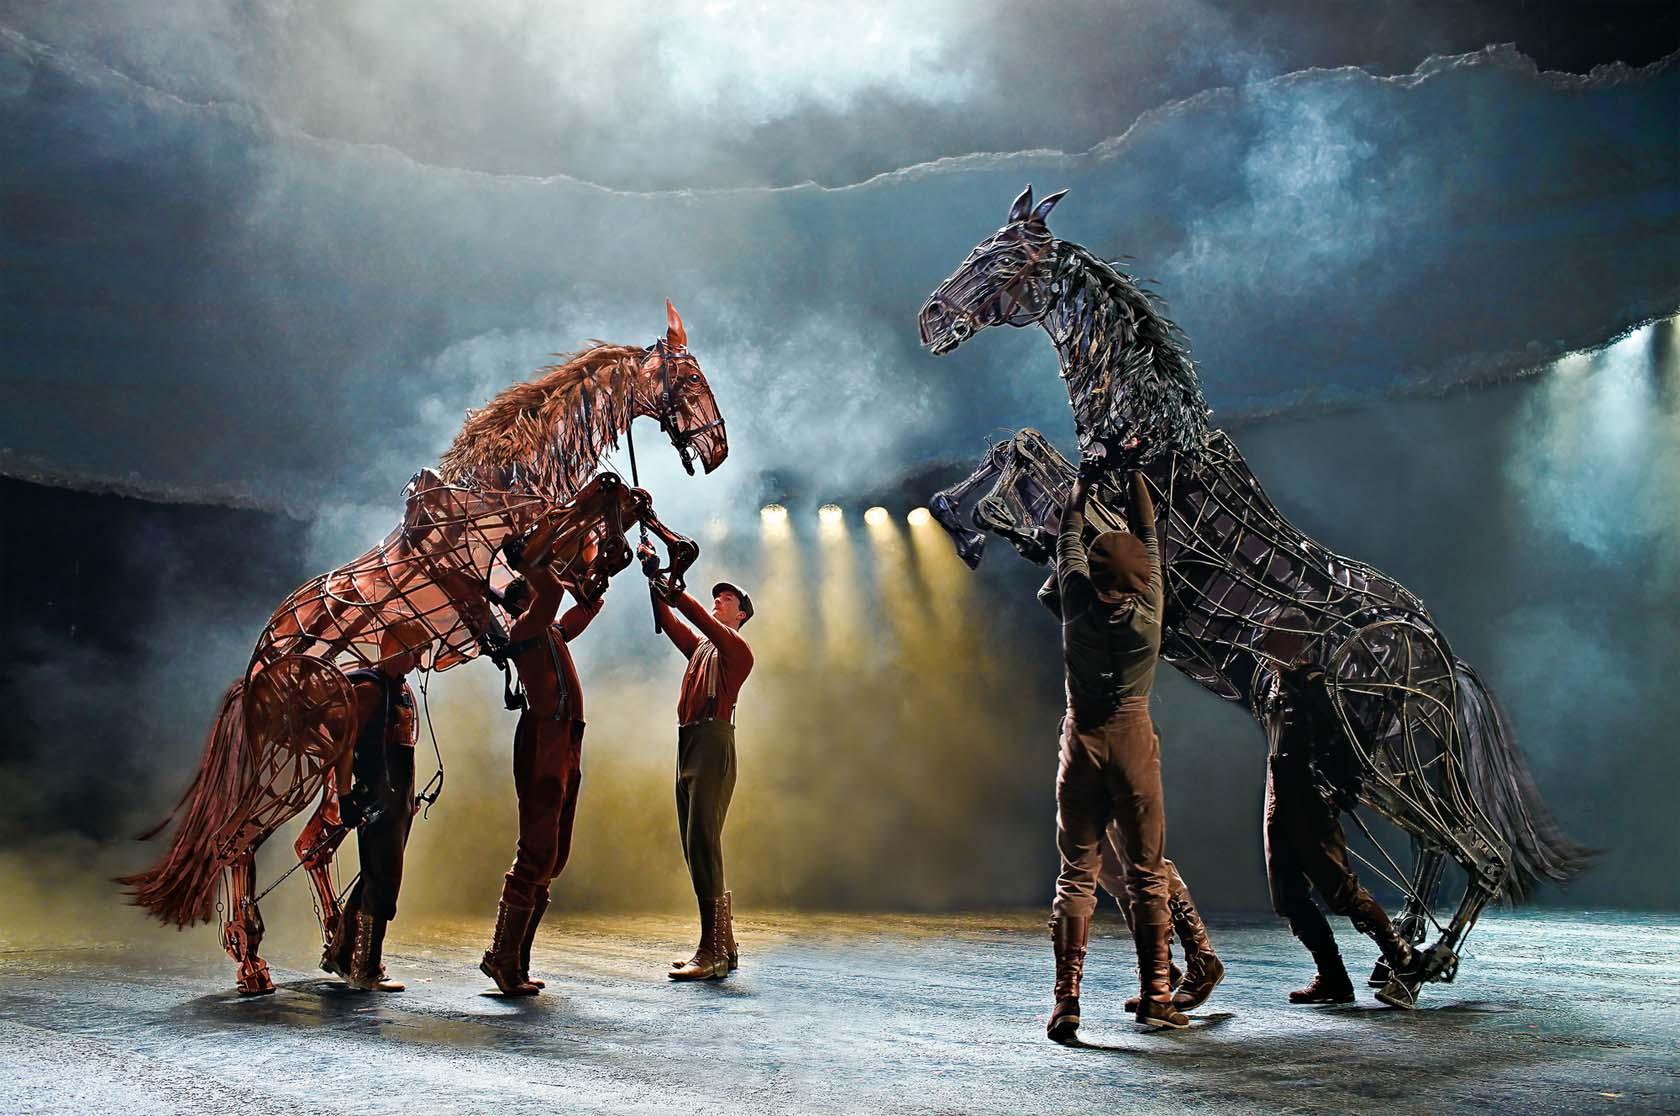 Warhorse-Stichting-Theateralliantie-Amsterdam-2014-Brinkhoff-Moegenburg-22